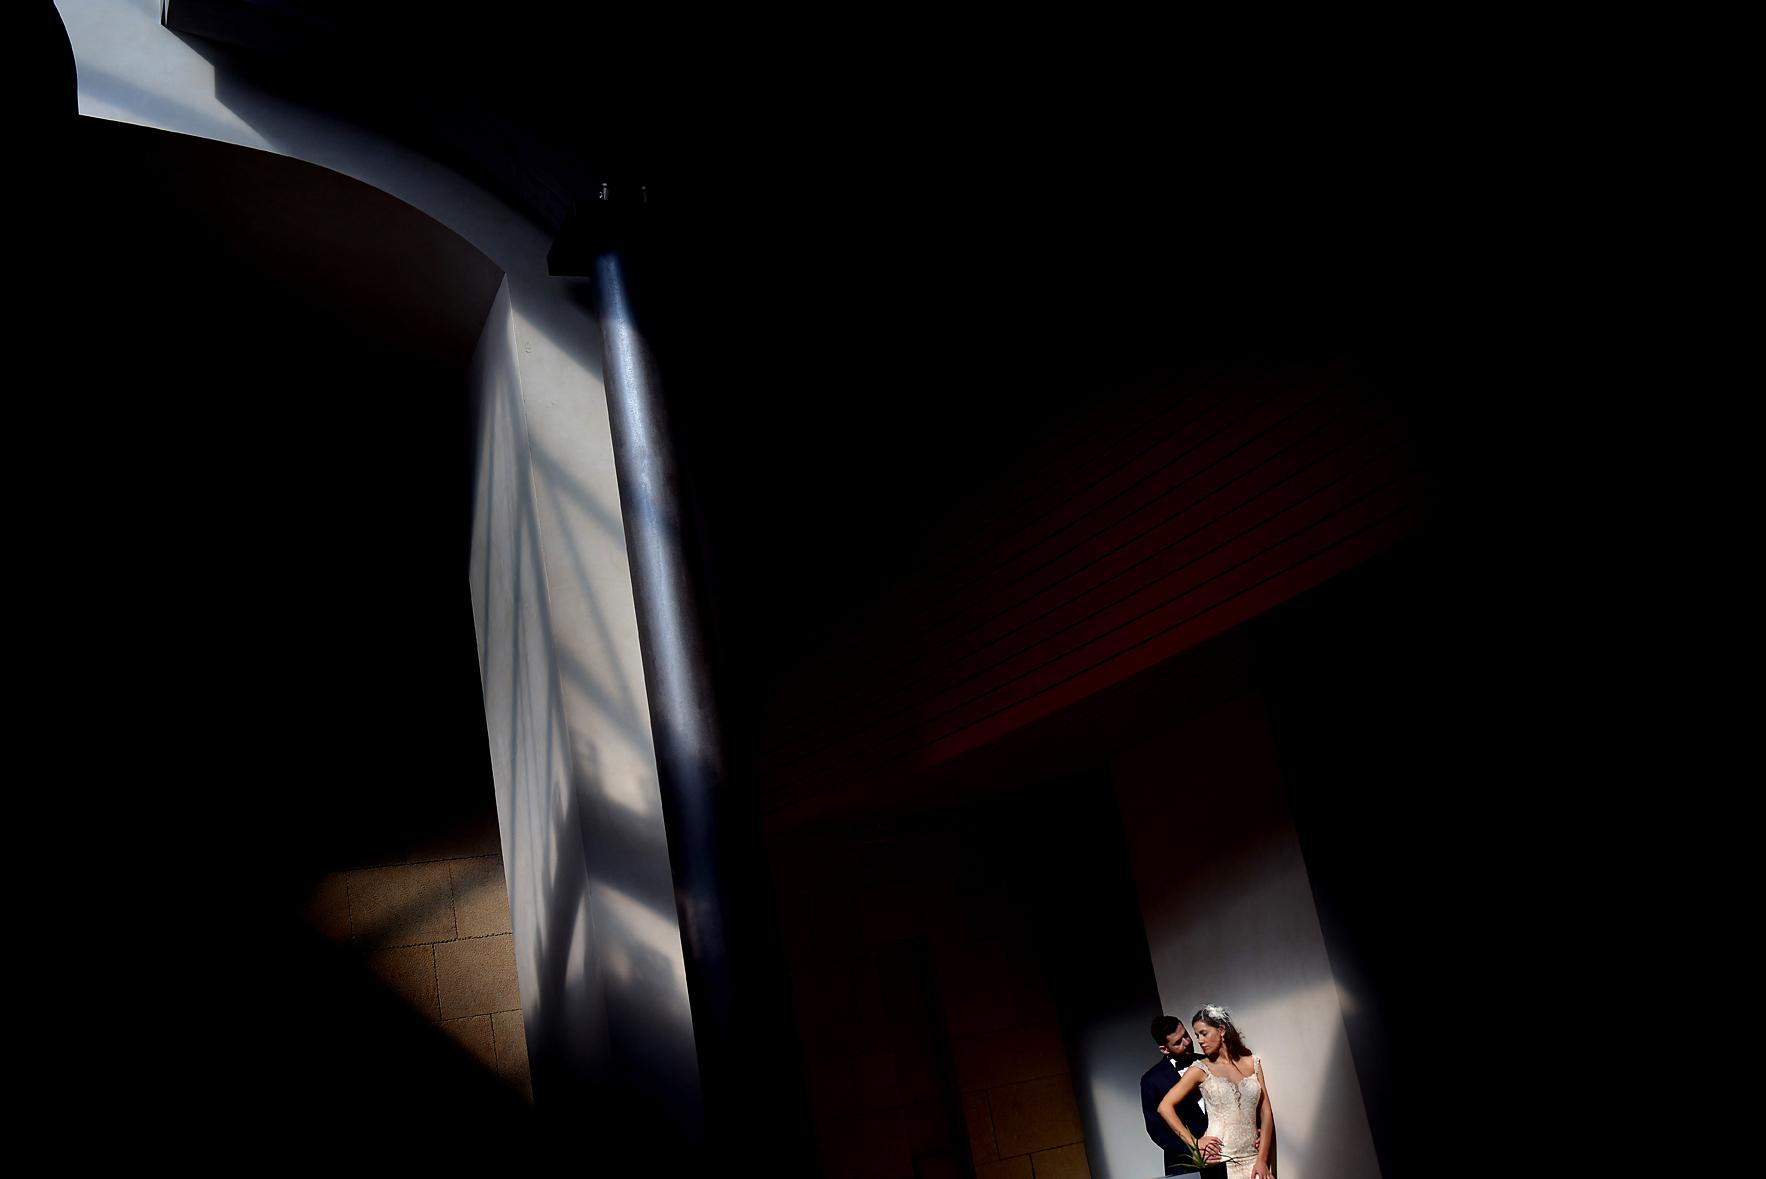 fine-art-photography-wedding-larissa-thessalia-koumaditis-04